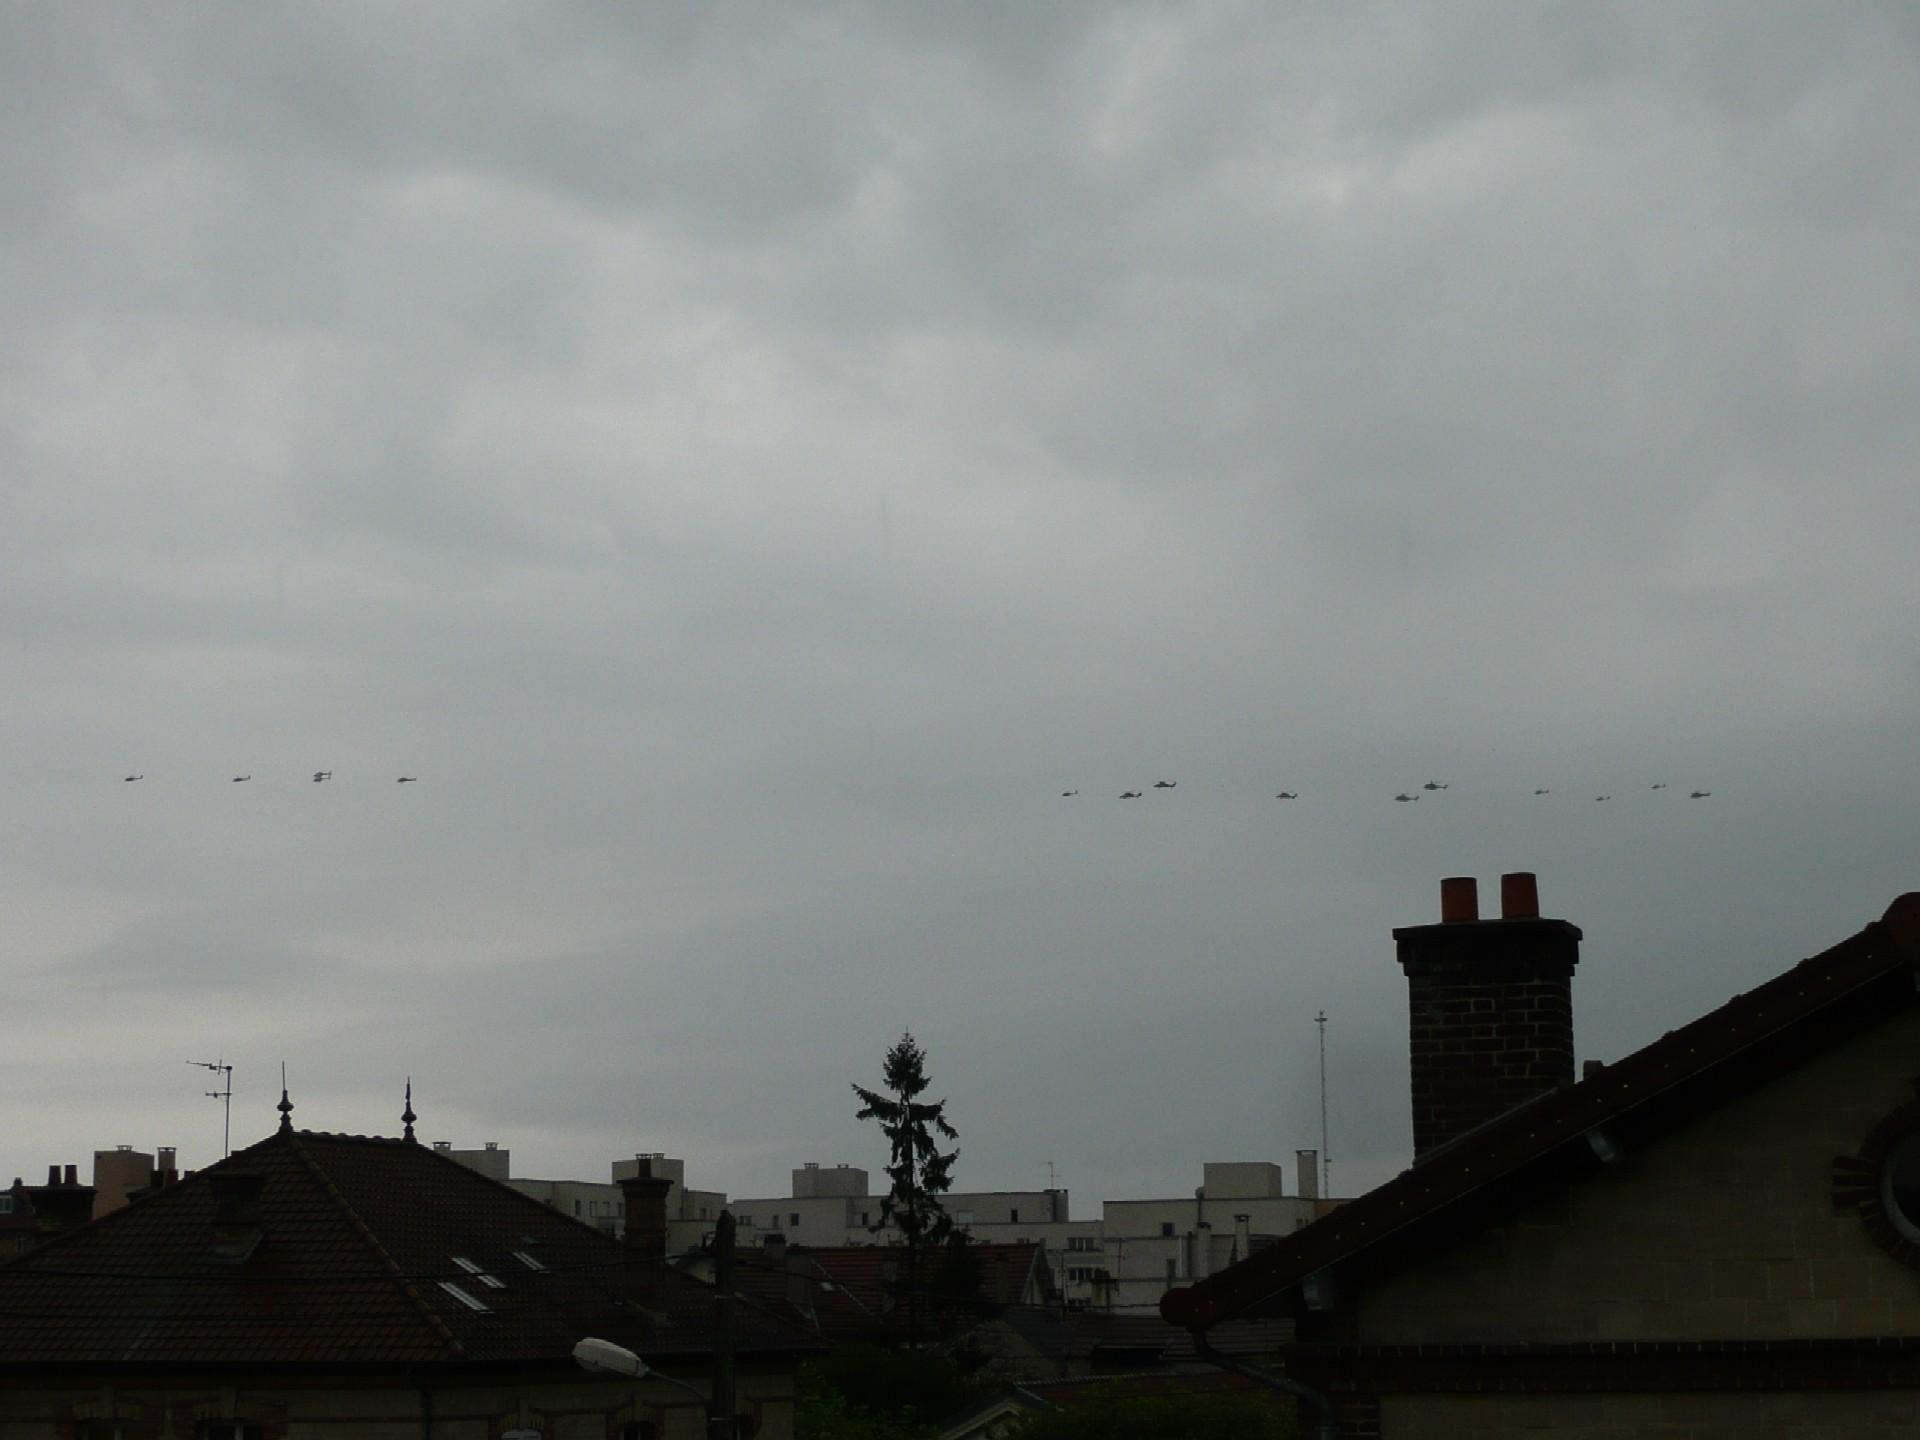 Bonne visibilité sur les aéronefs du 14 Juillet à Houilles